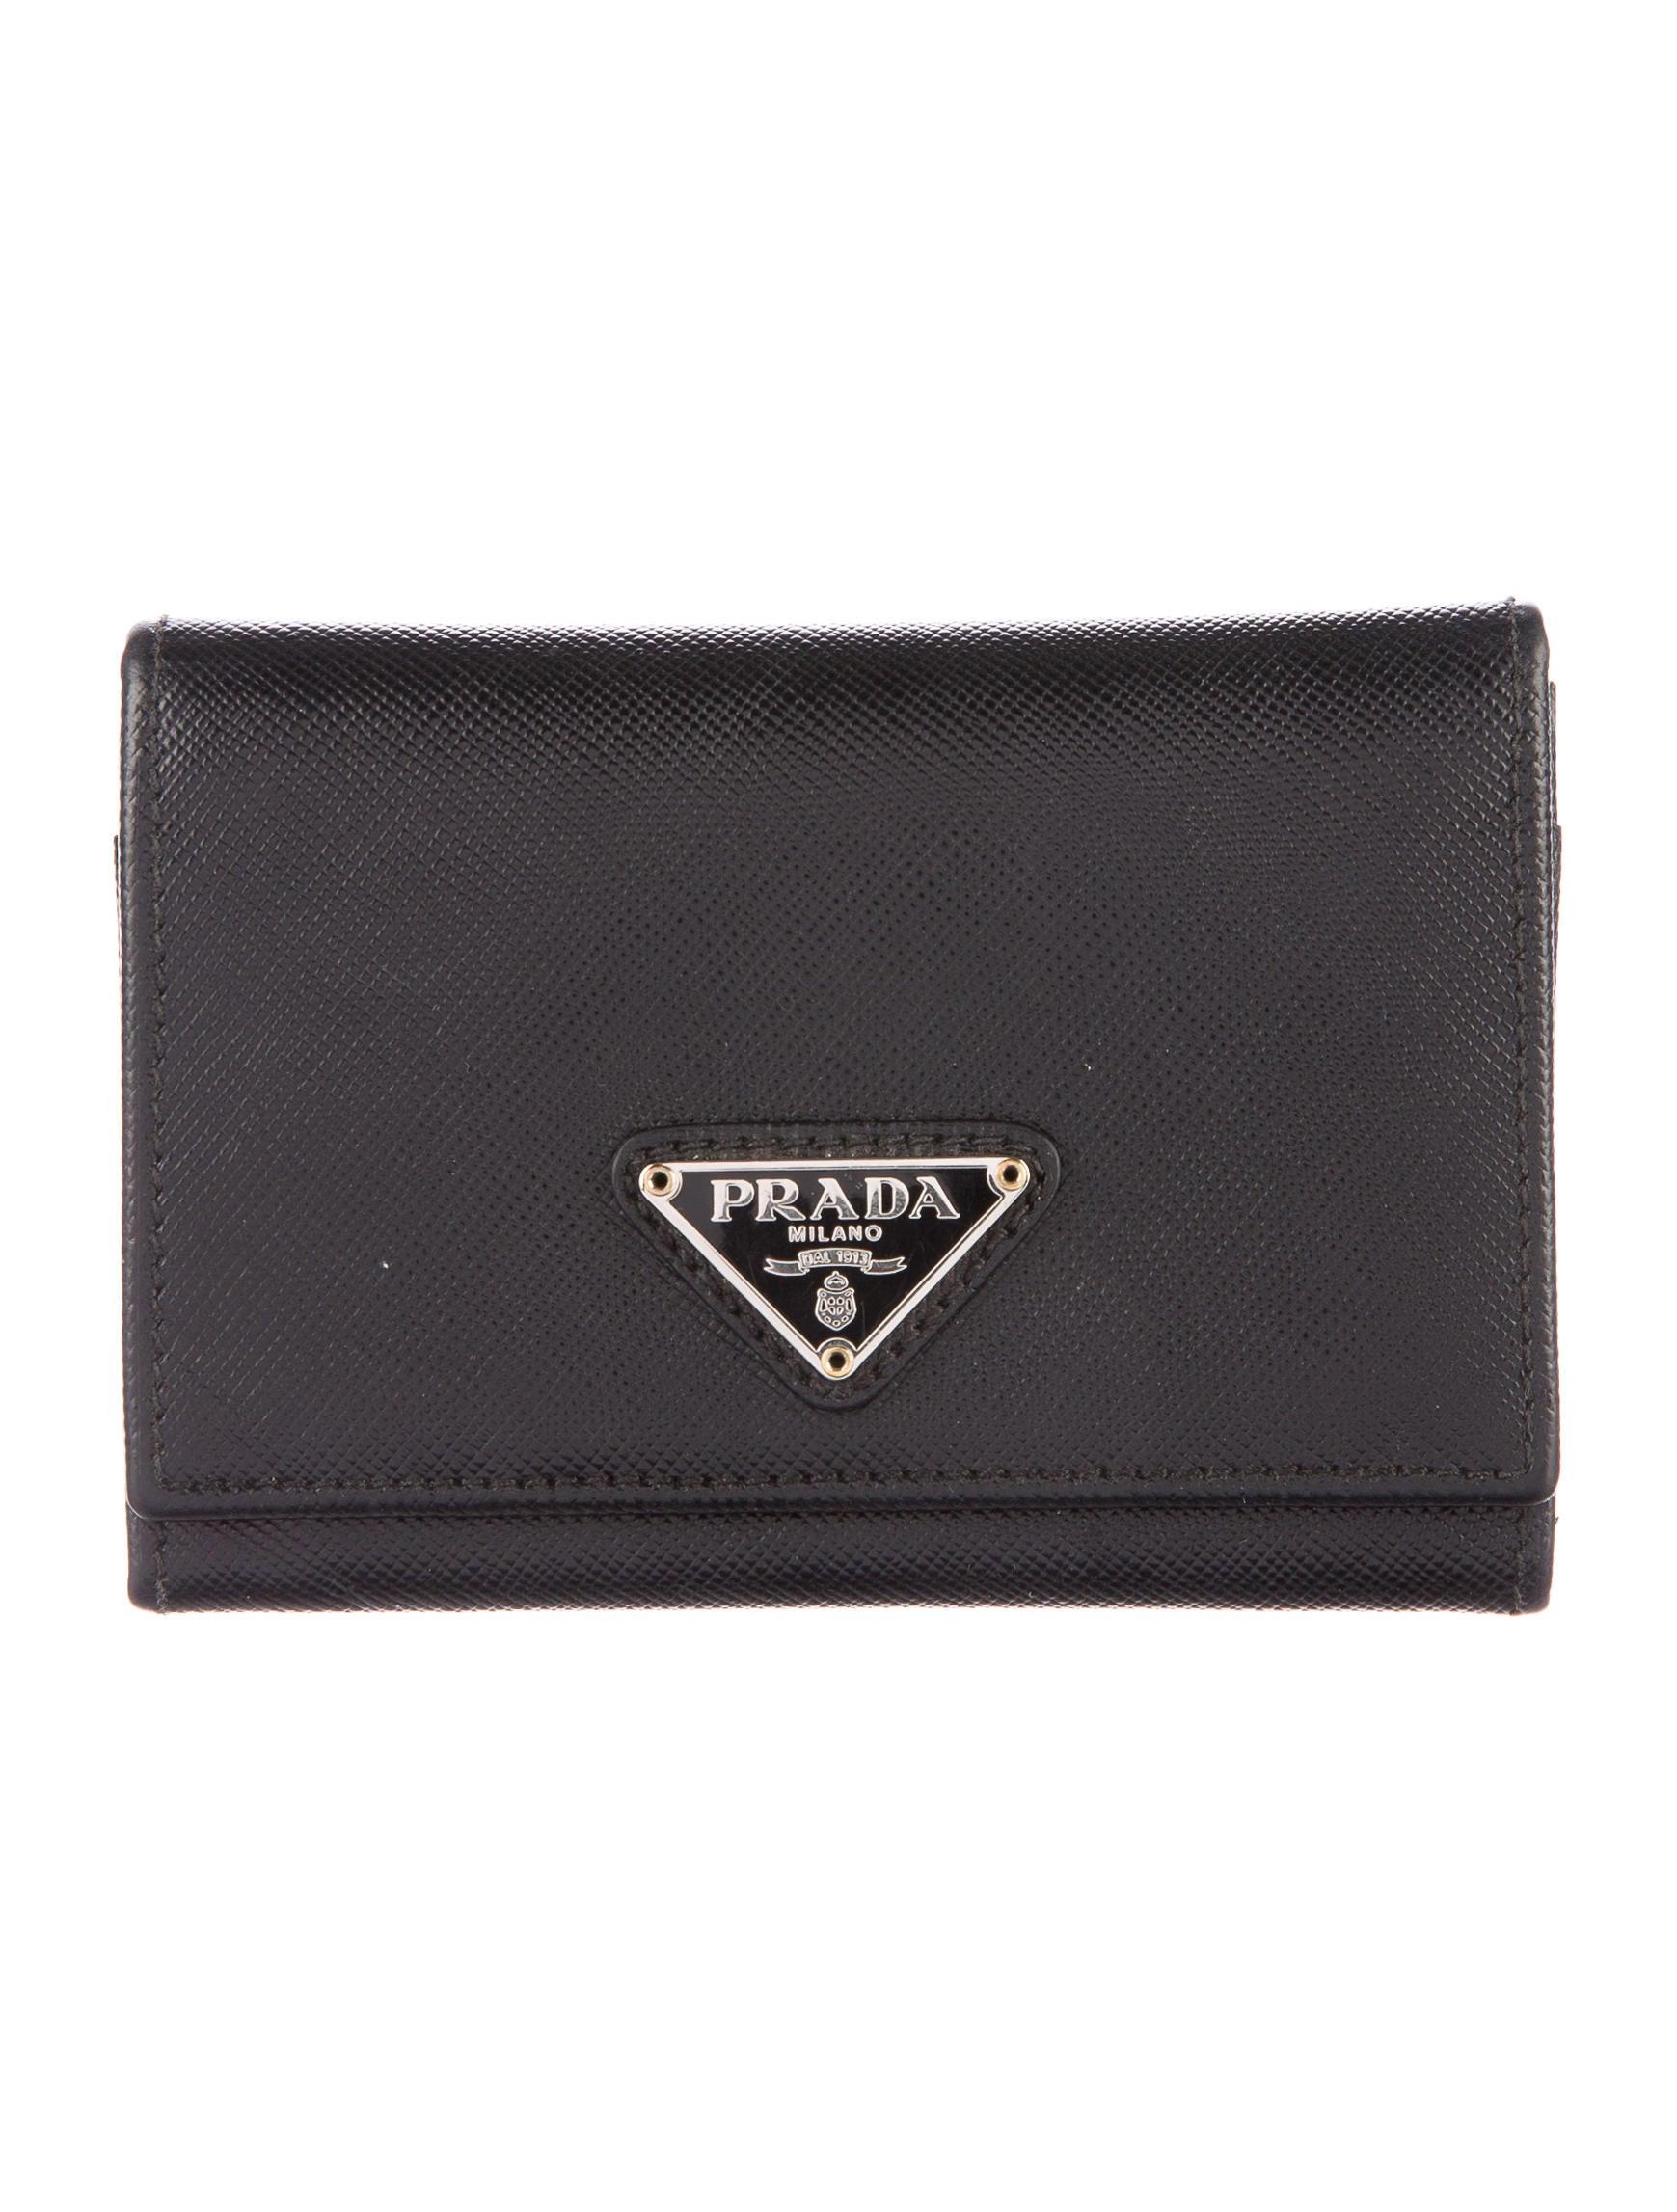 Prada Saffiano Business Card Holder - Accessories - PRA140336 | The ...